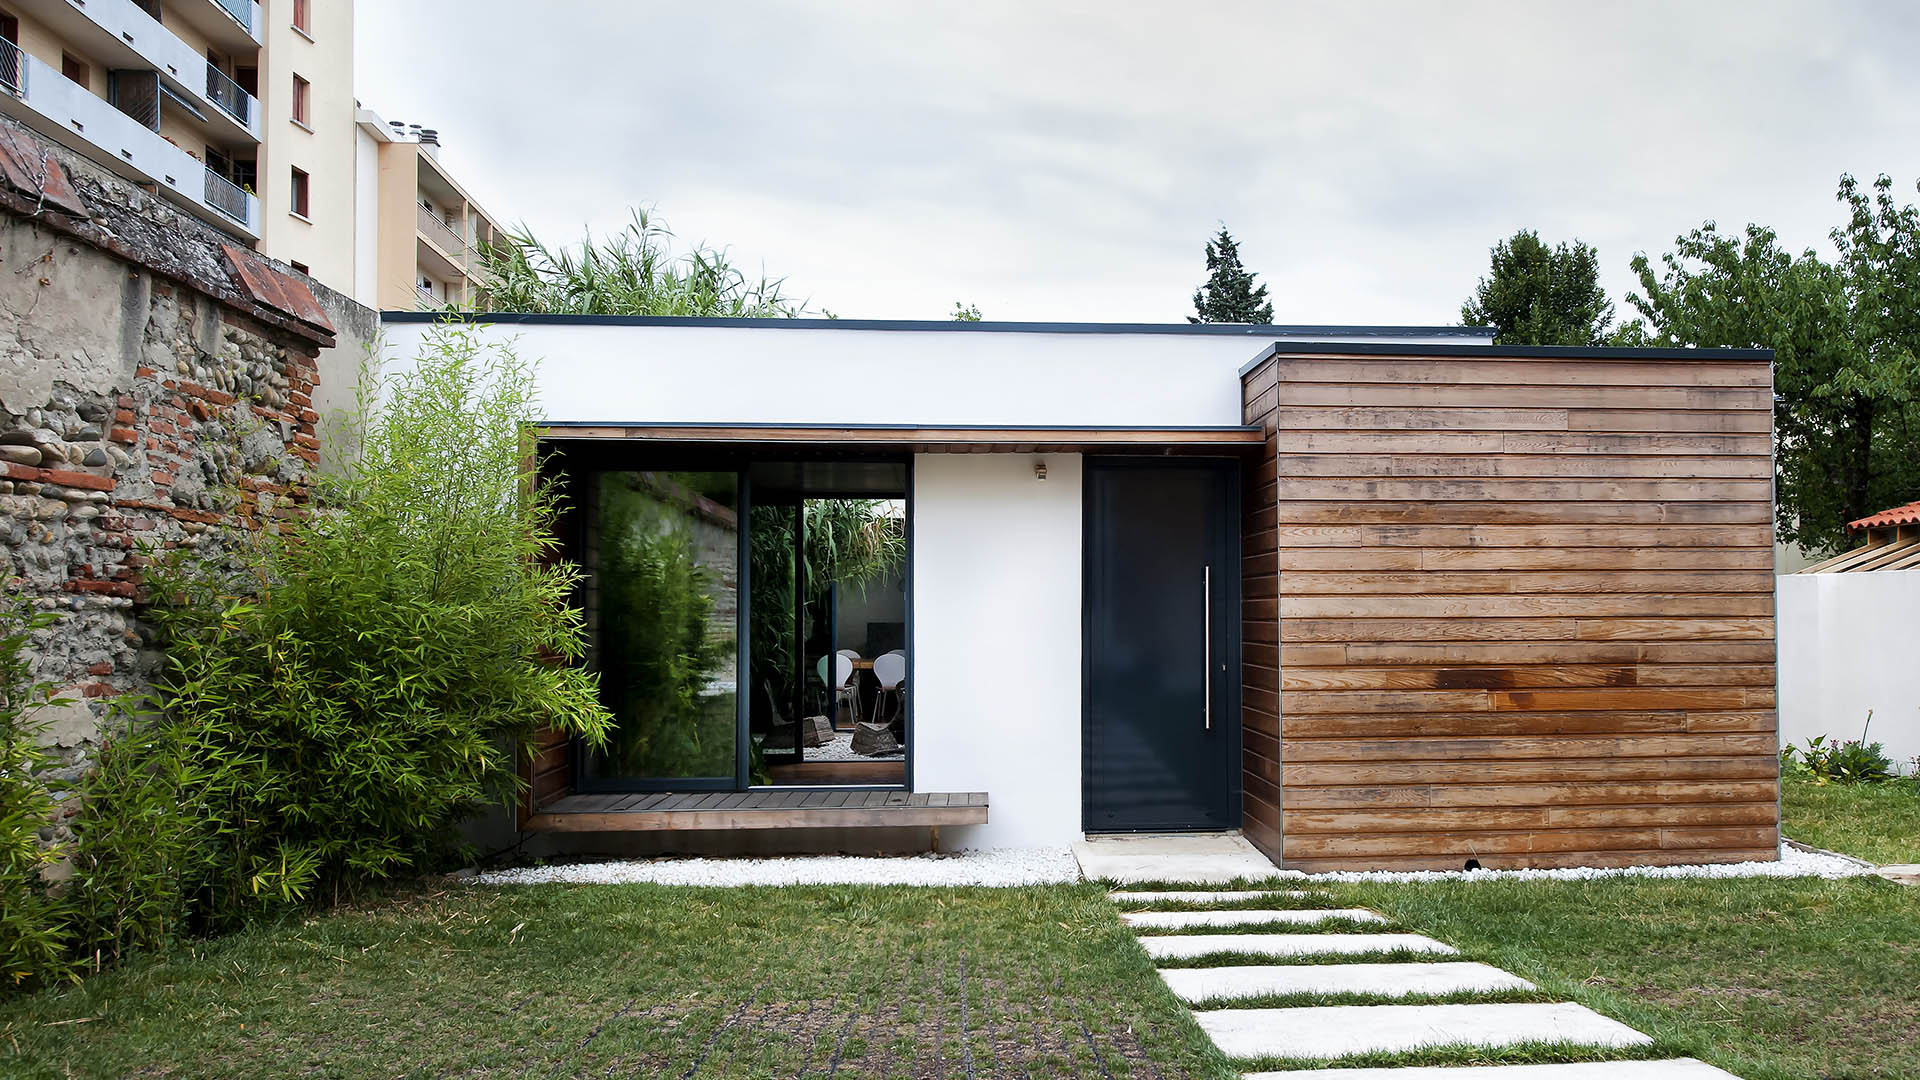 02-Seuil-Architecture-maison-P-crédit-Ph.-Stéphane-Brugidou